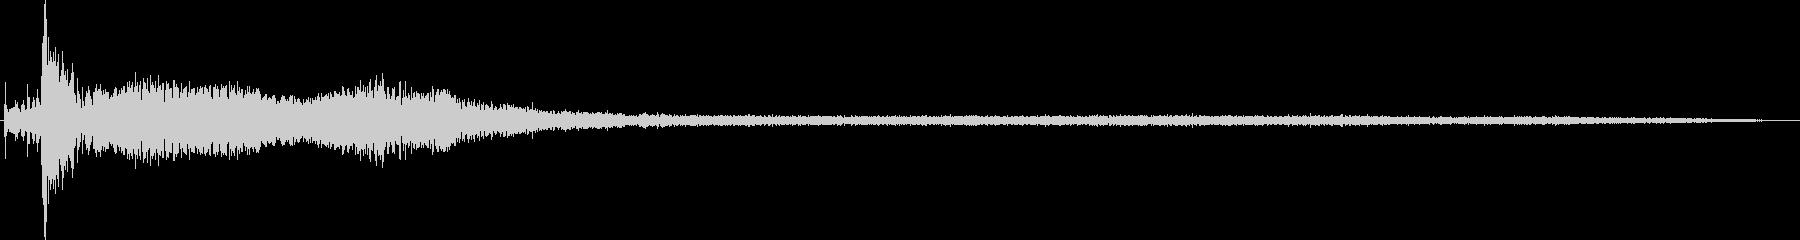 ハマーH2 Suv:内線:開始、ア...の未再生の波形